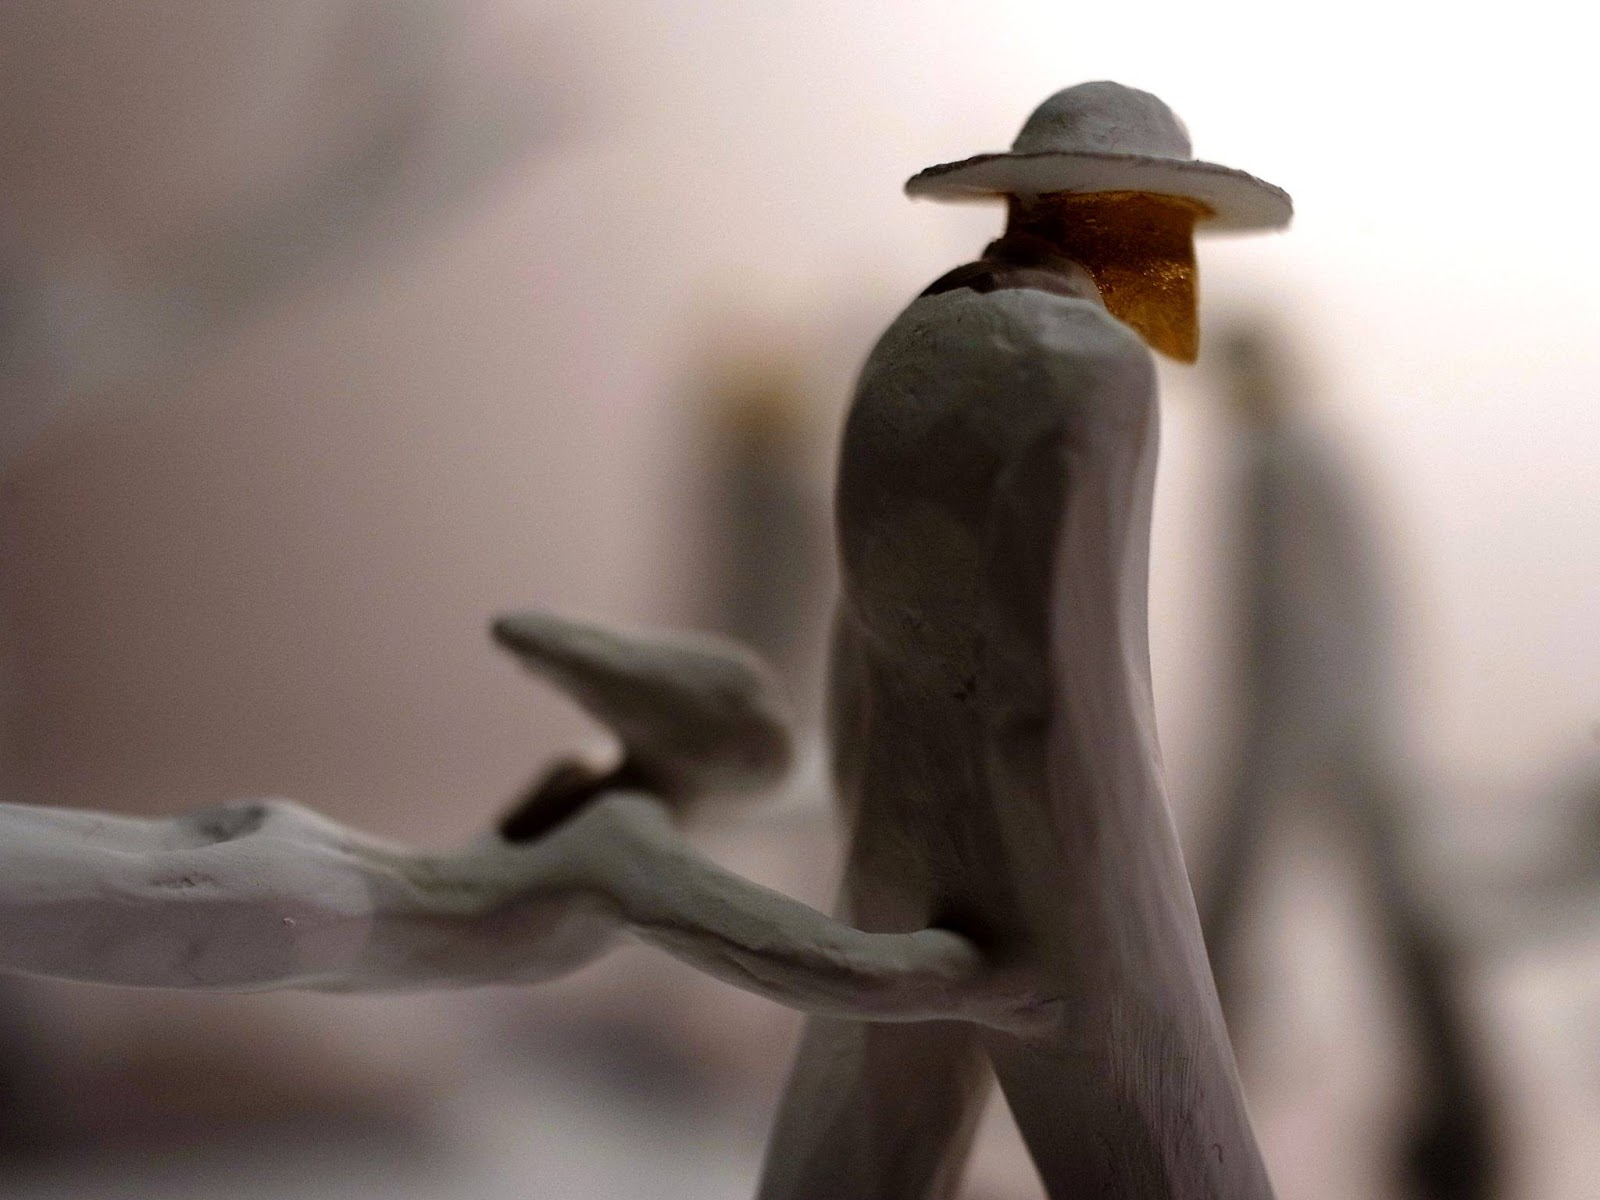 artist statement for sculpture